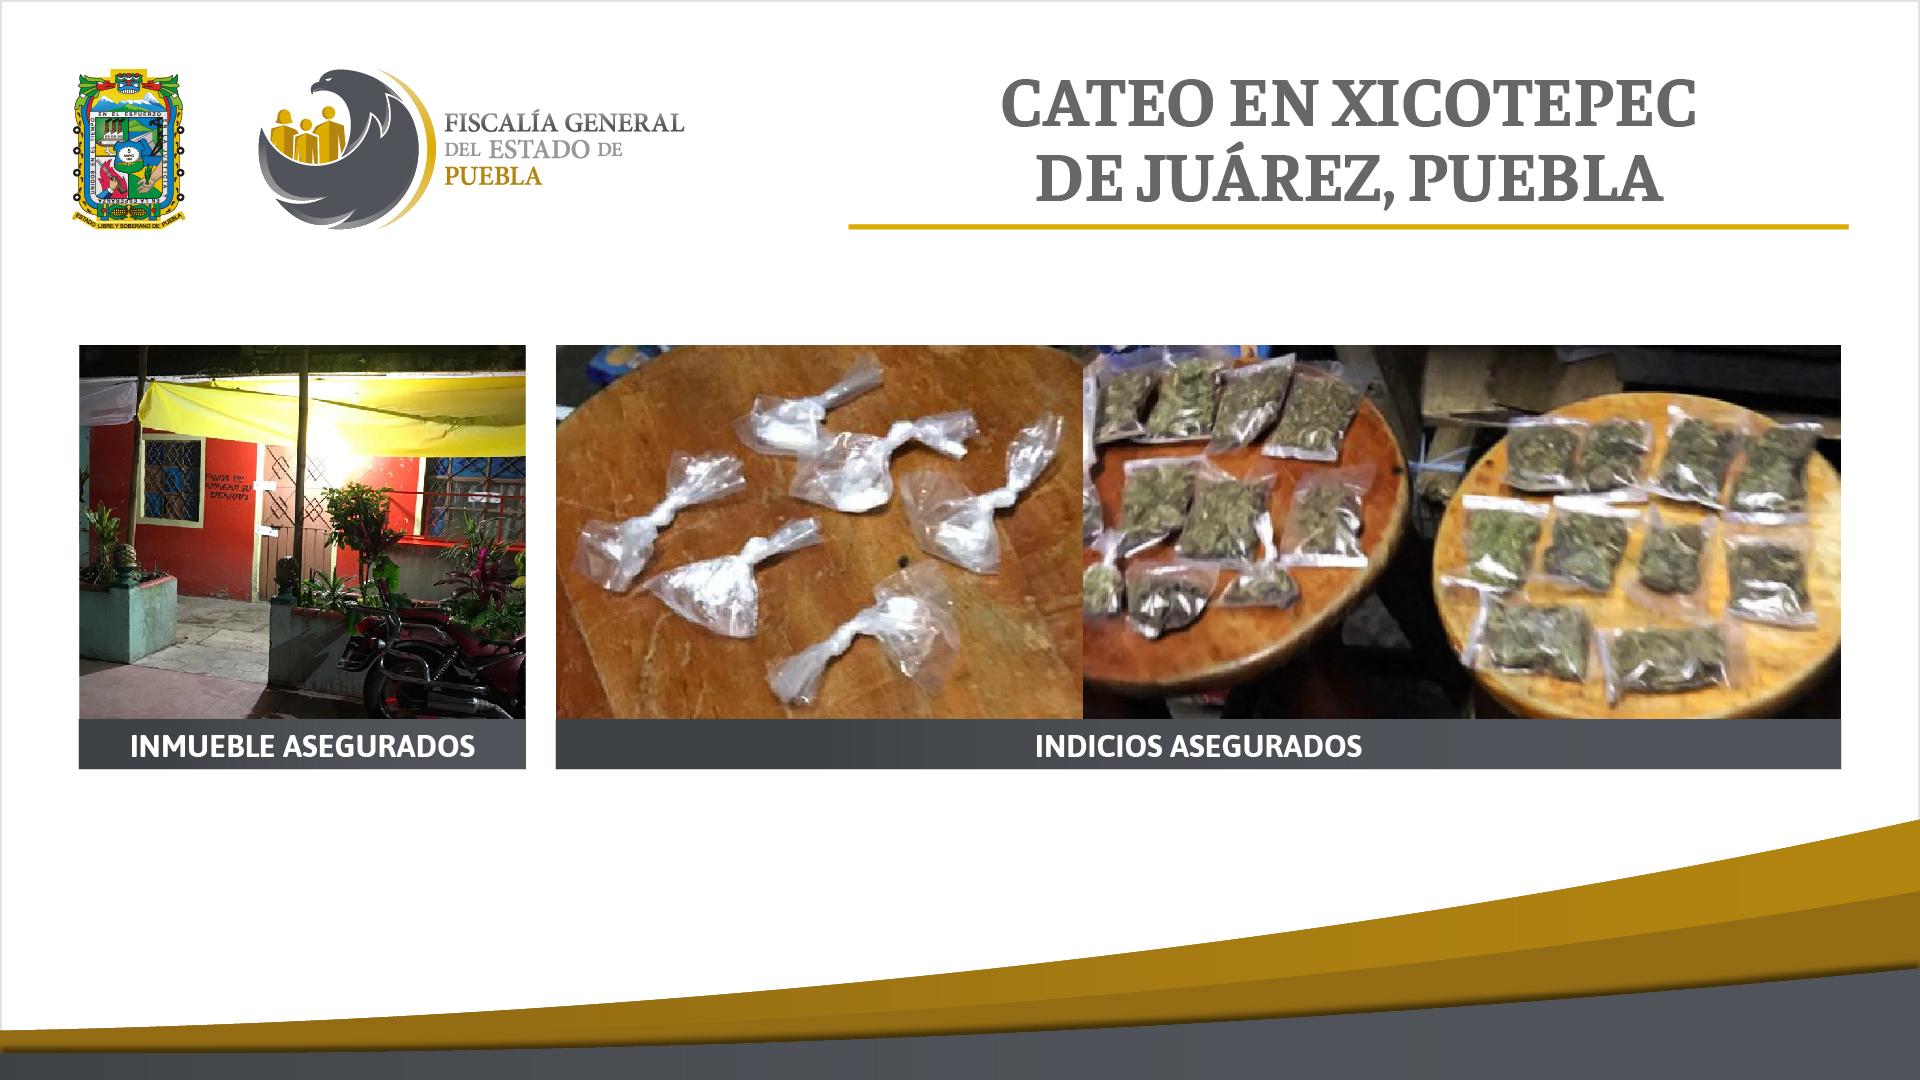 FGE cateó inmueble en Xicotepec y aseguró marihuana y cristal